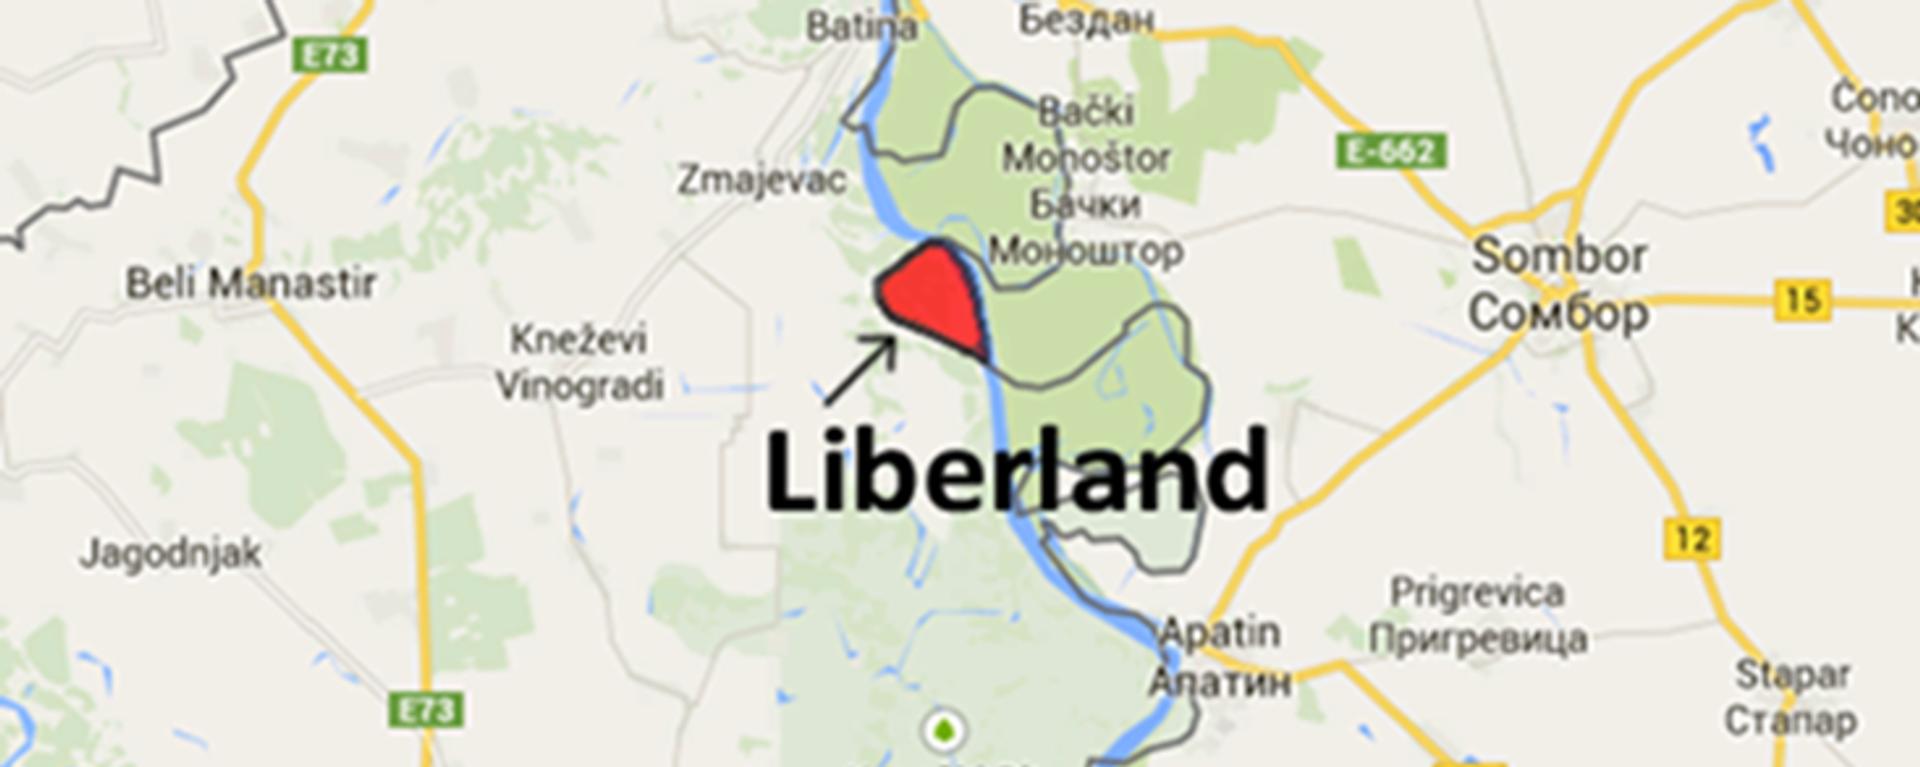 Либерланд лежи на обалама Дунава, између Бачког Моноштора и Змајевца. Основана на ничијој земљи, коју у оквиру разграничења нису тражиле ни Србија, ни Хрватска. - Sputnik Србија, 1920, 18.07.2021